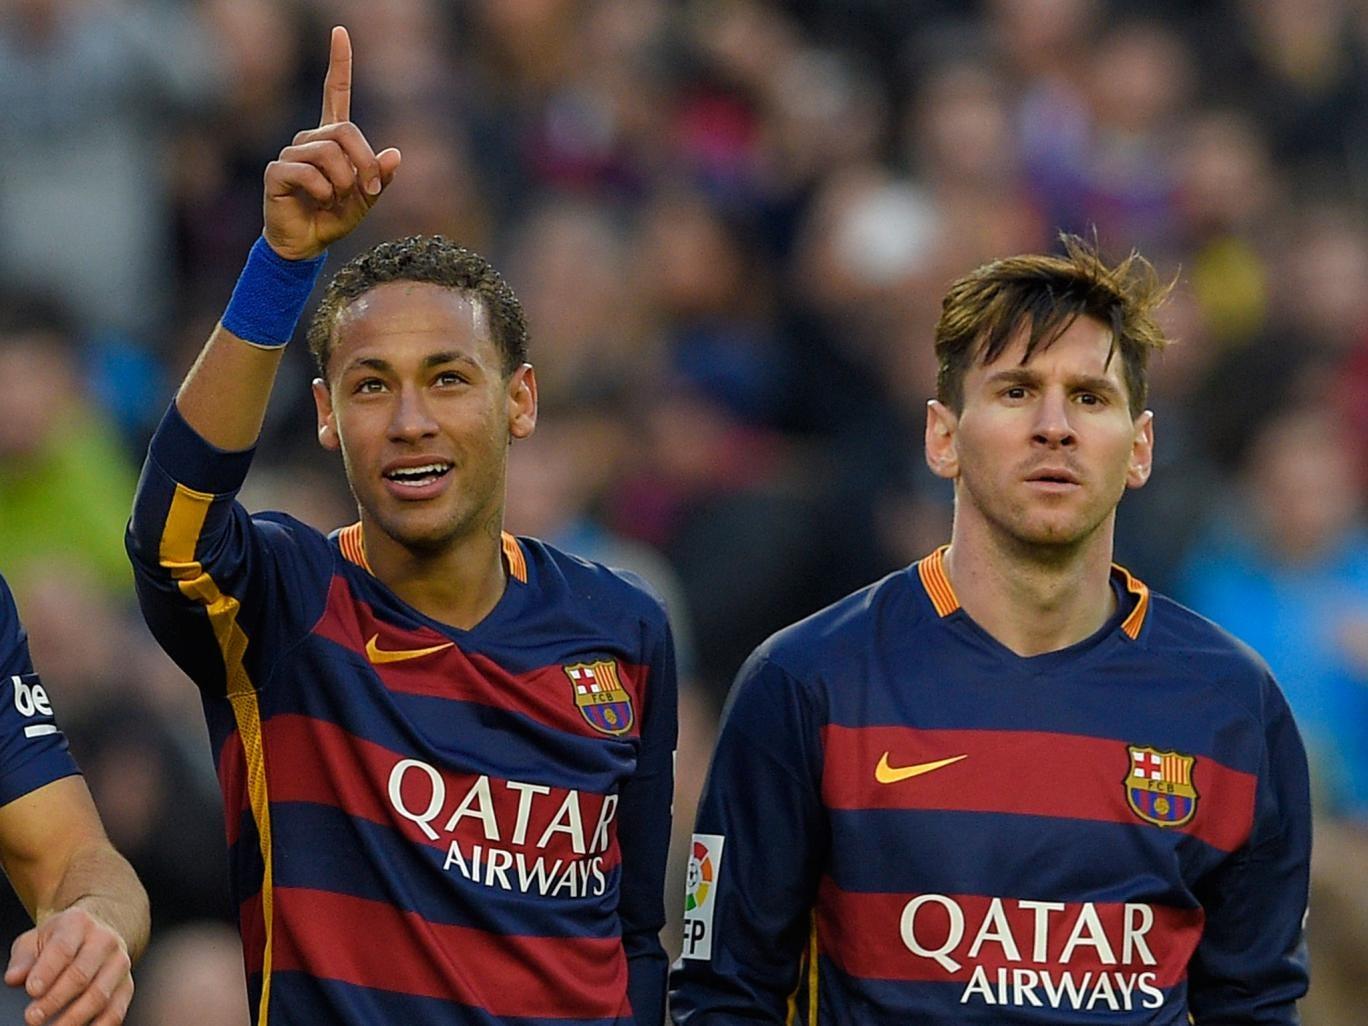 Không nên chiều Neymar và Messi quá nhiều